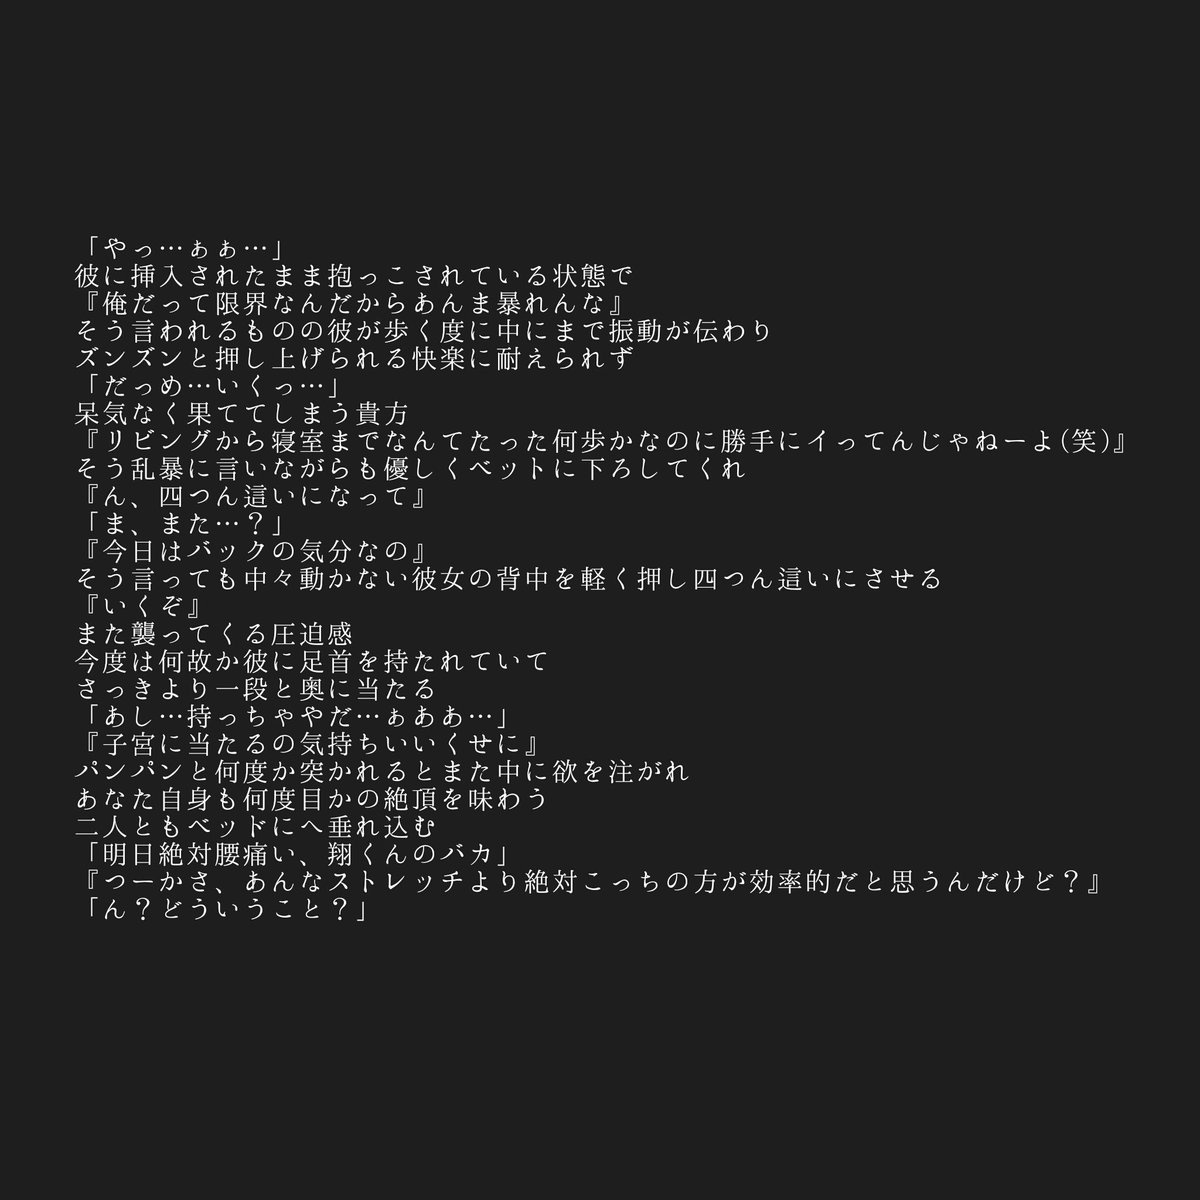 妄想 ピンク 嵐